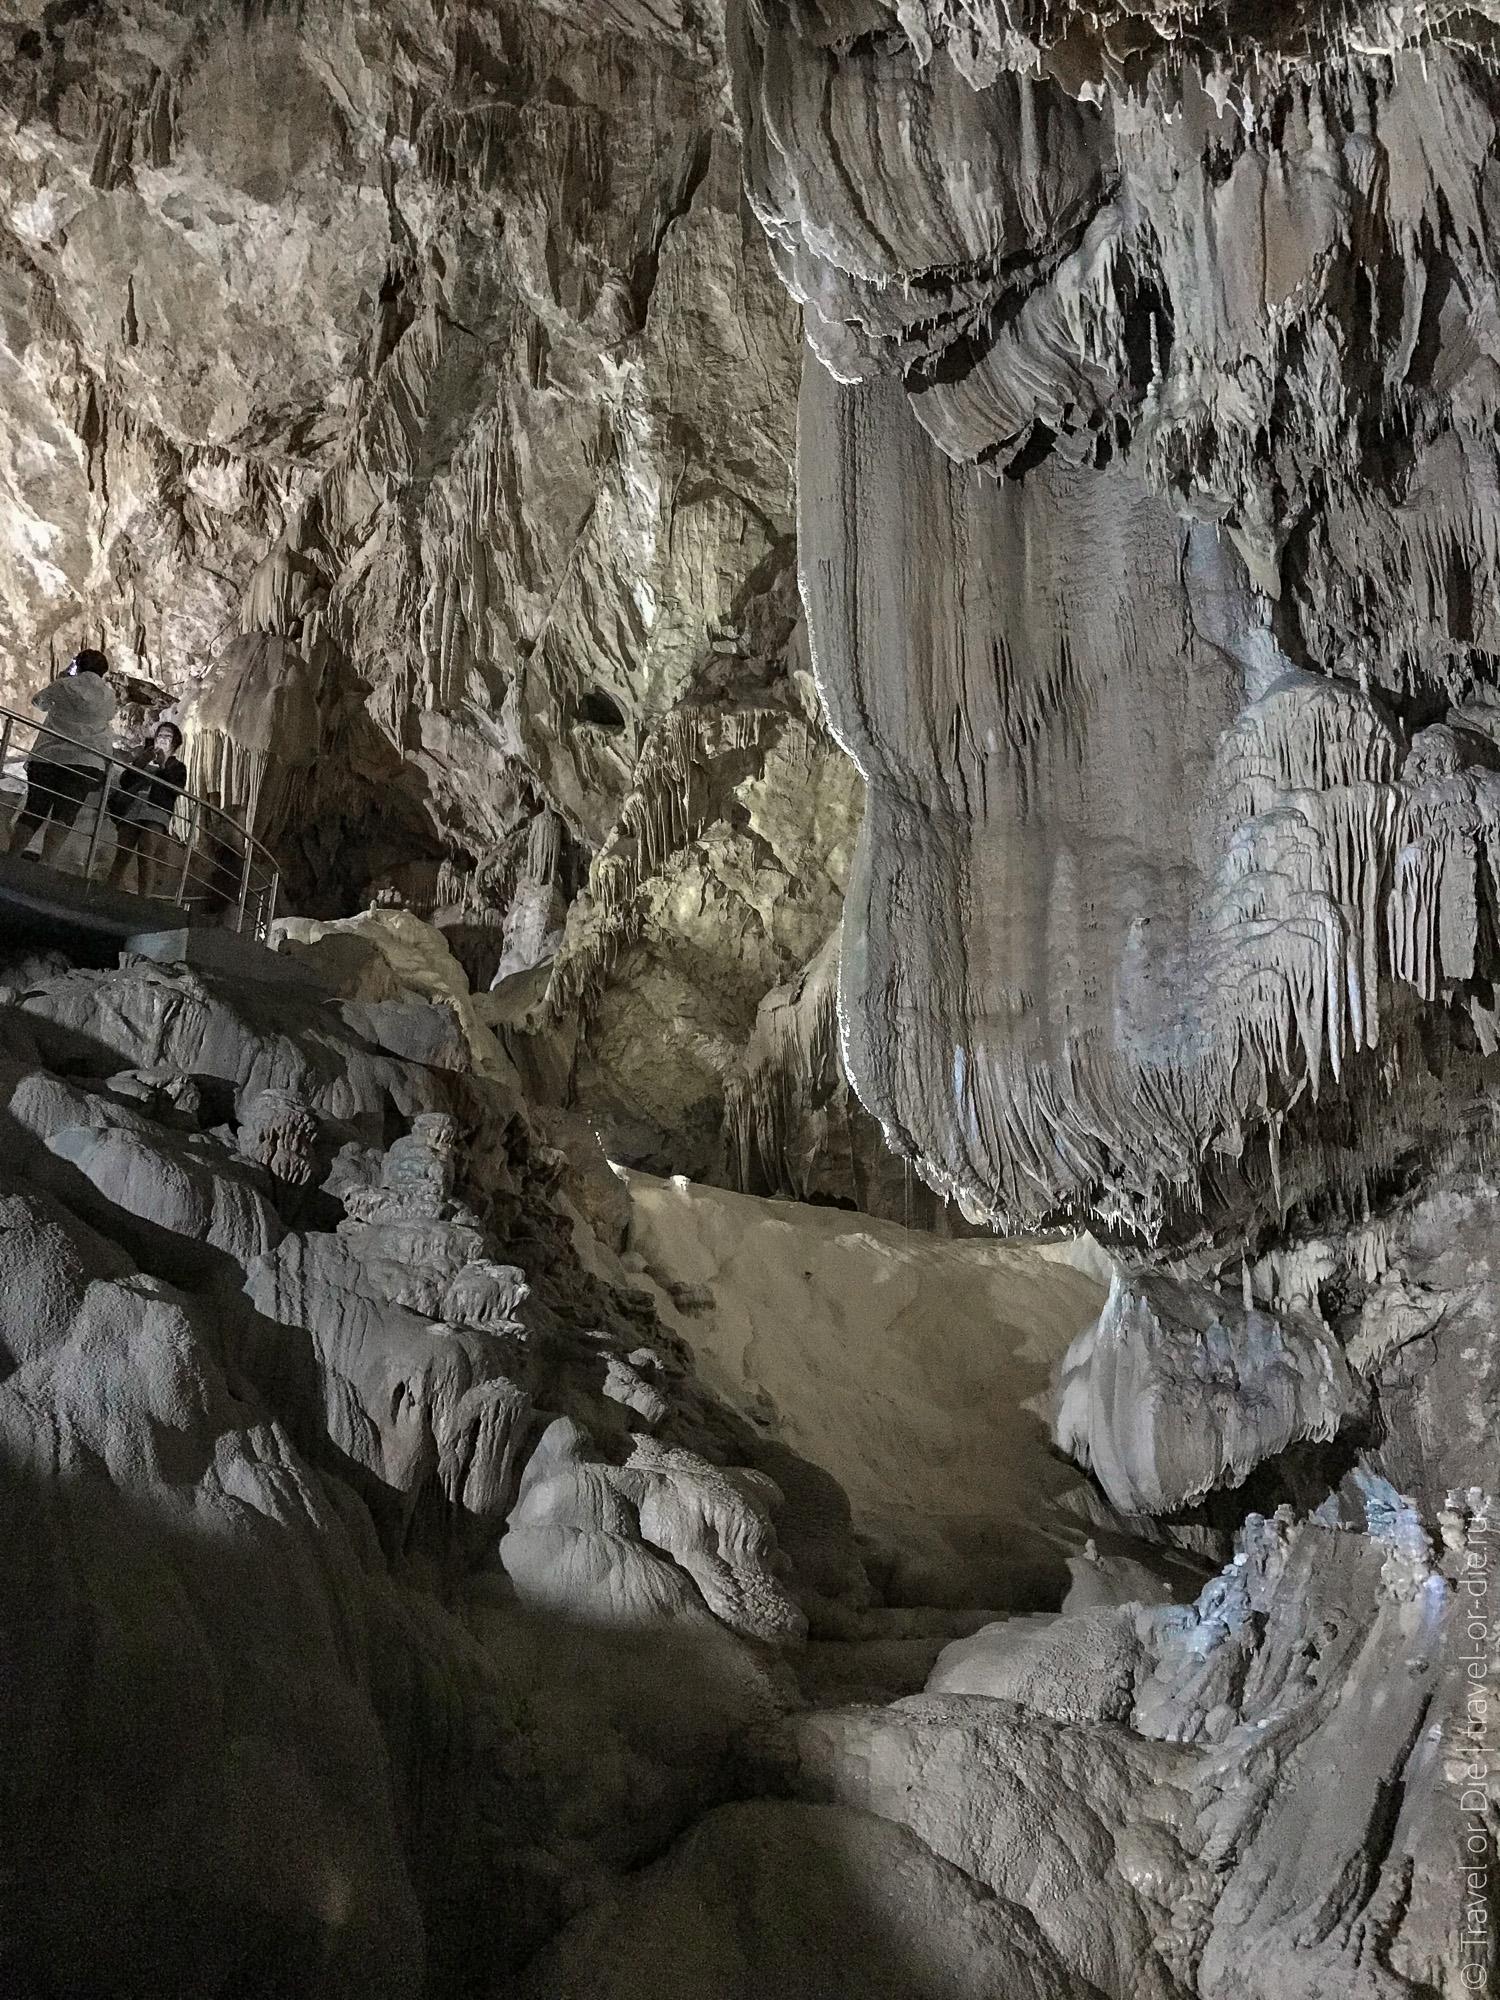 Новоафонская-Пещера-Абхазия-New-Athos-Cave-Abkhazia-7863